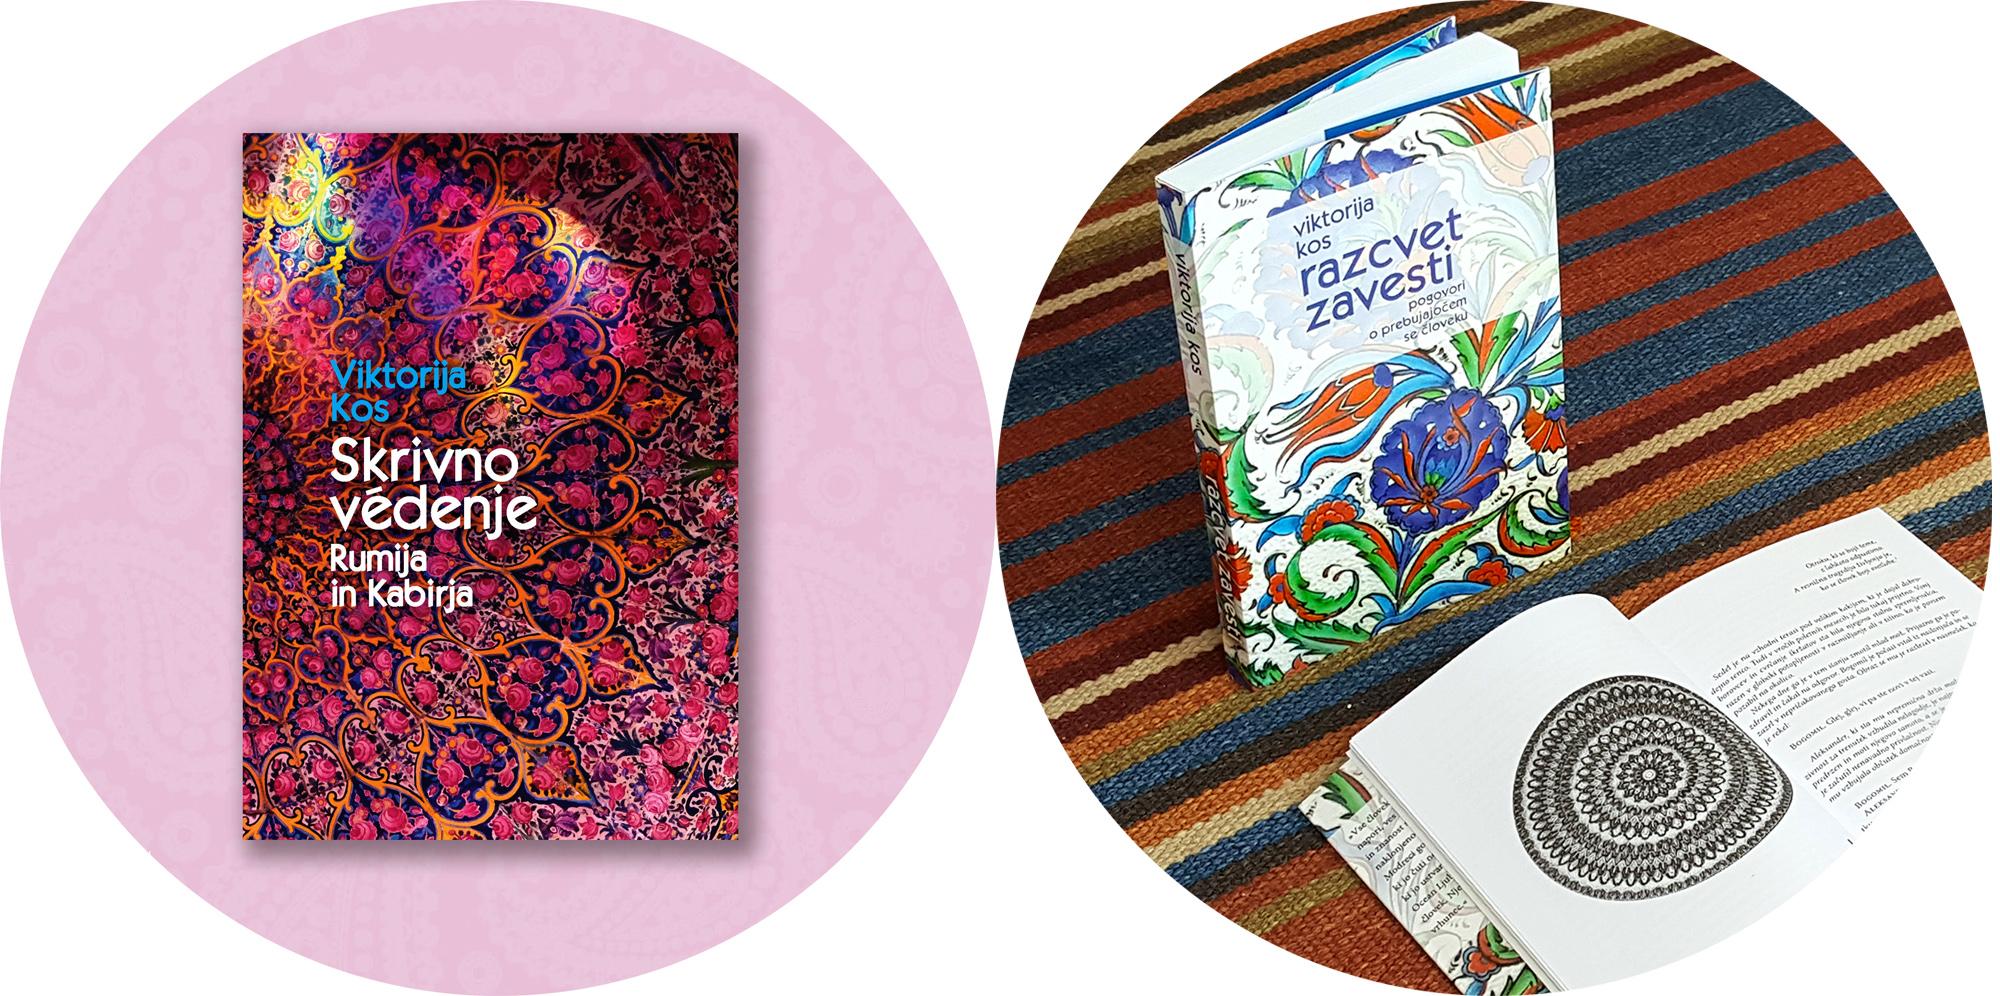 KOMPLET 2 knjigi